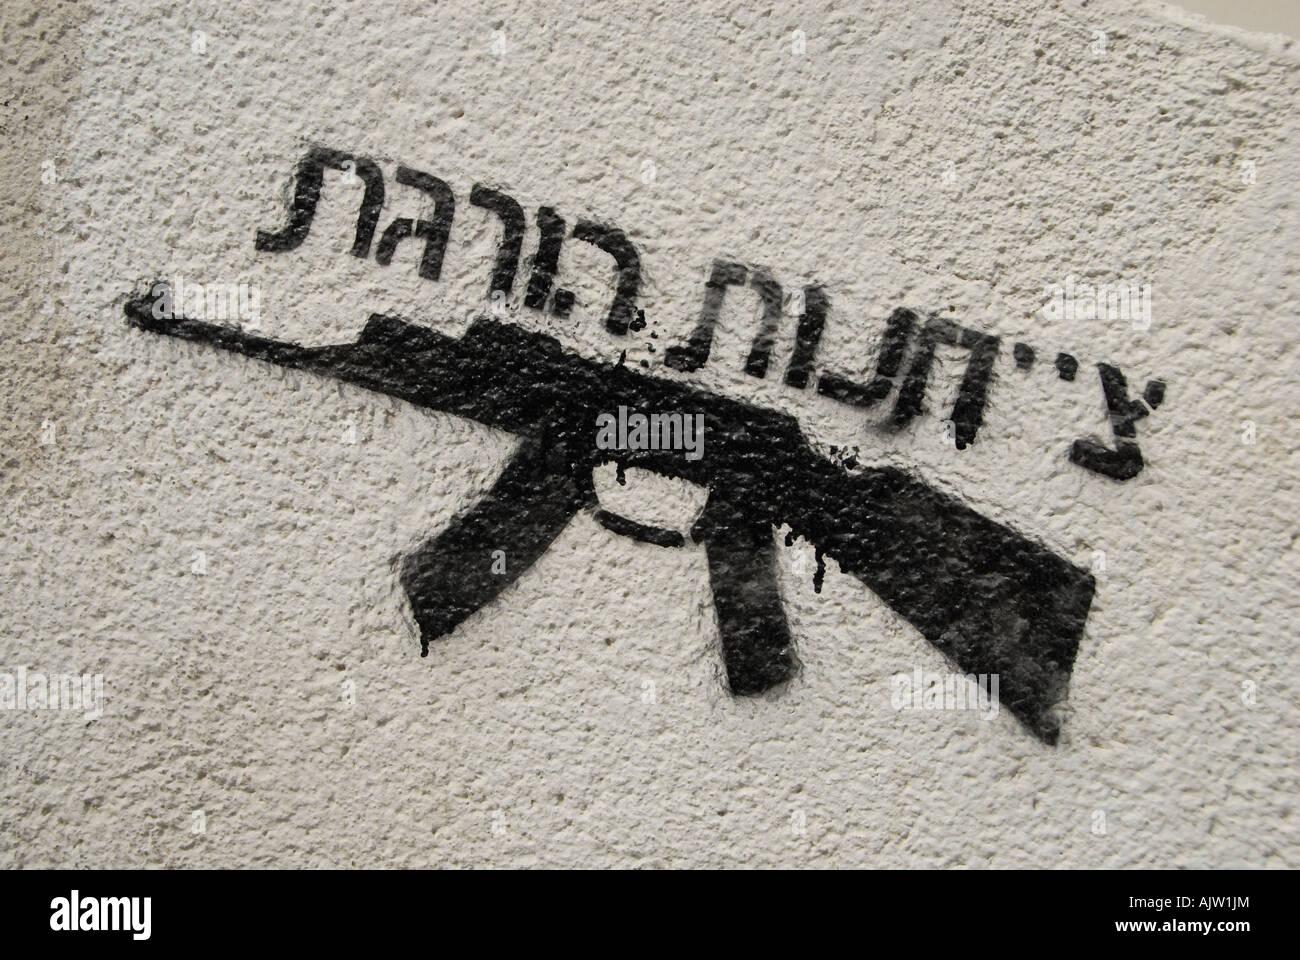 Spruzzato graffiti di un AK-47 Kalashnikov mitragliatrice con un messaggio scritto in ebraico che legge' obbedienza Immagini Stock